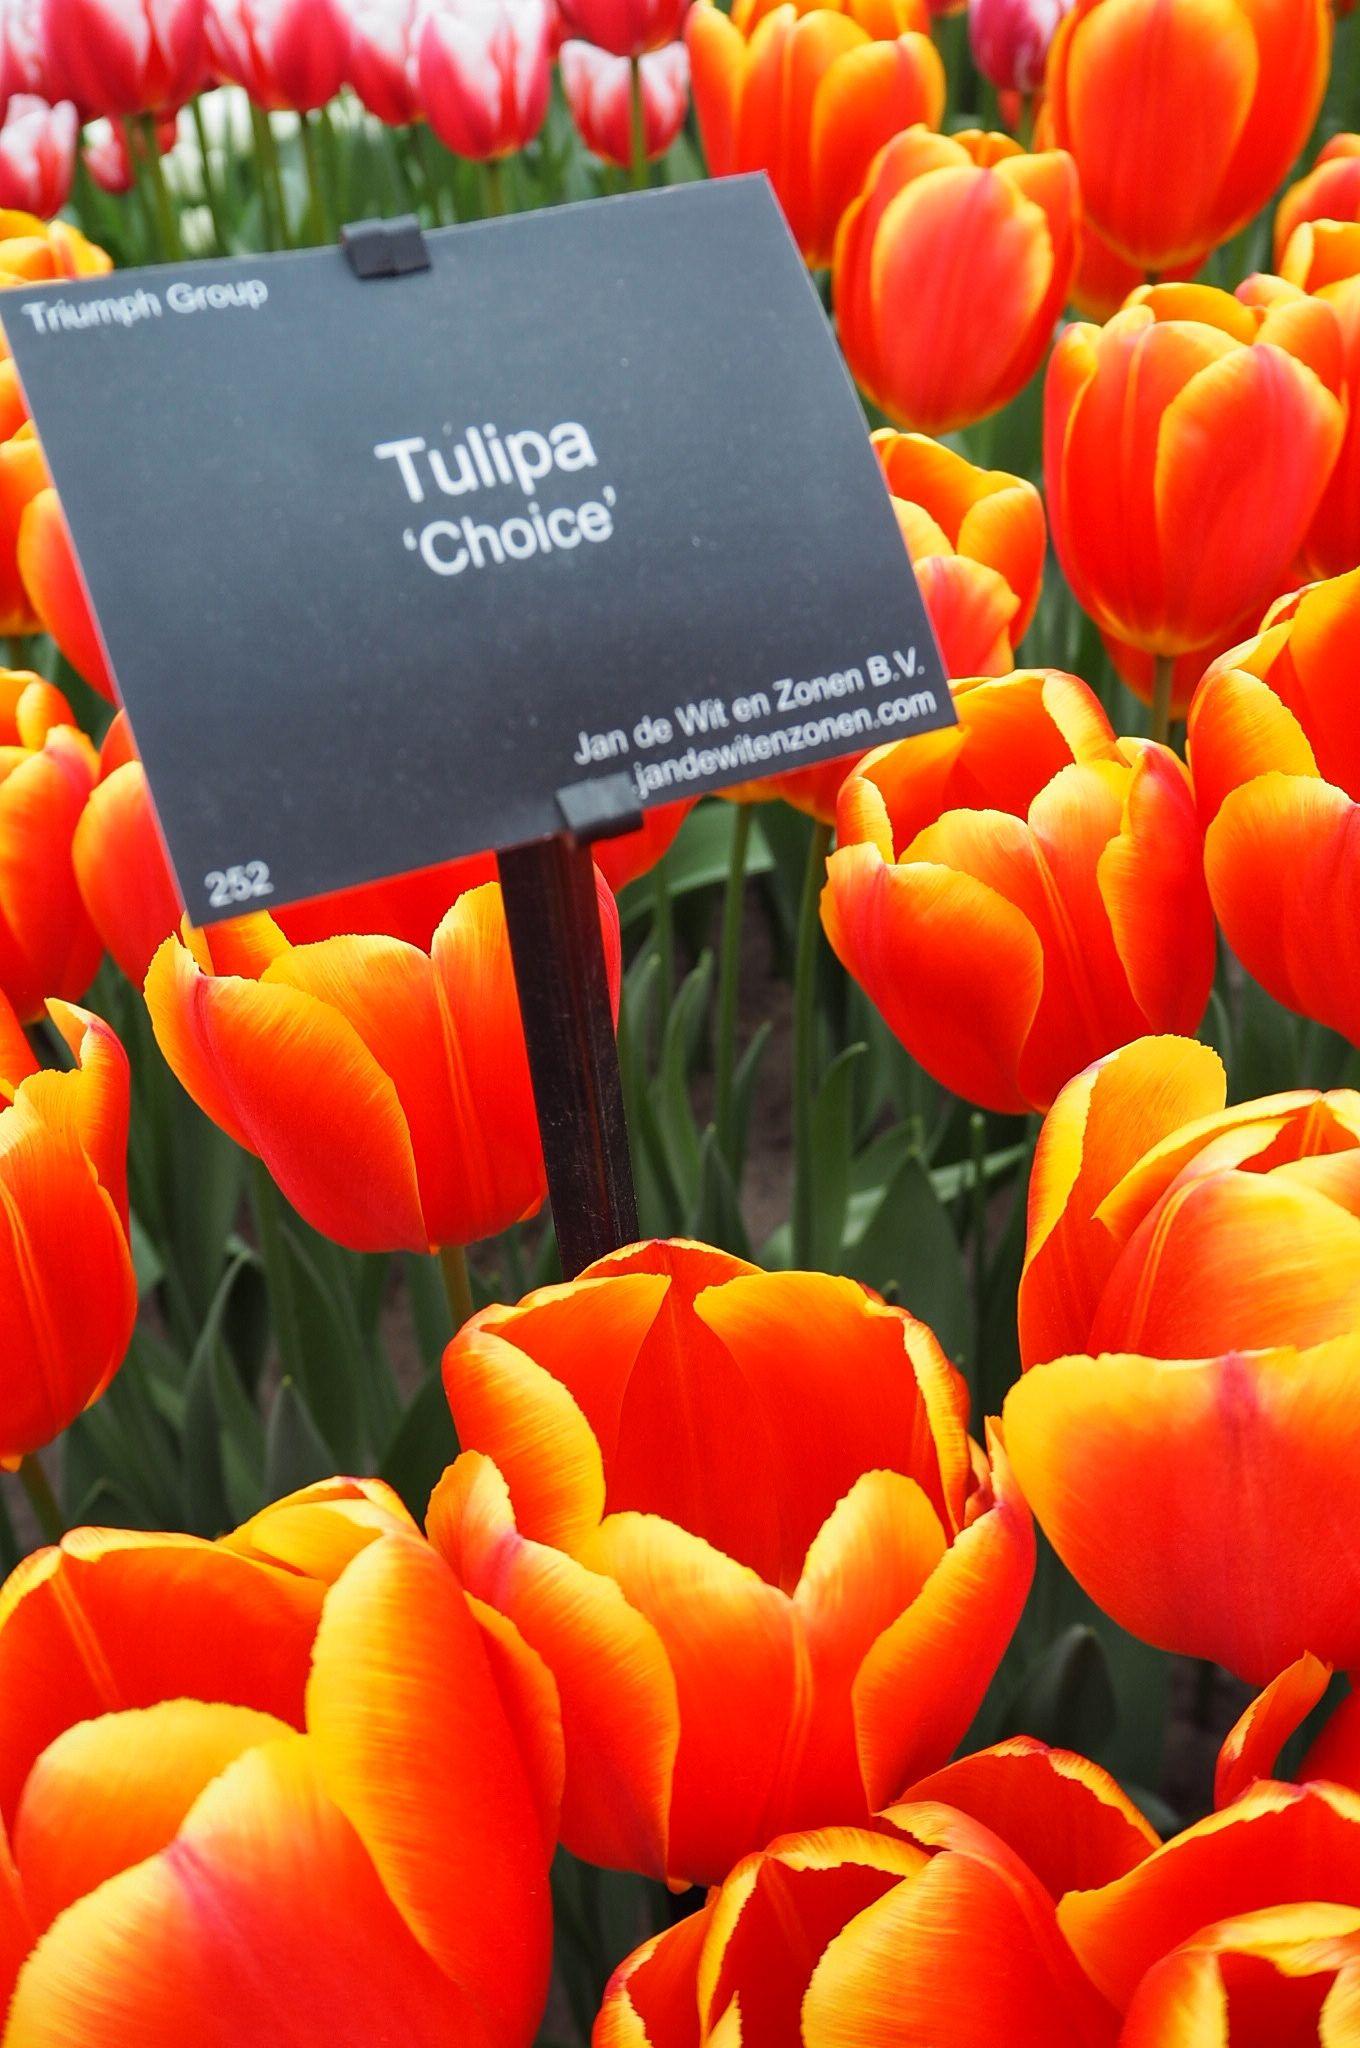 My favourite Tulipa Choice